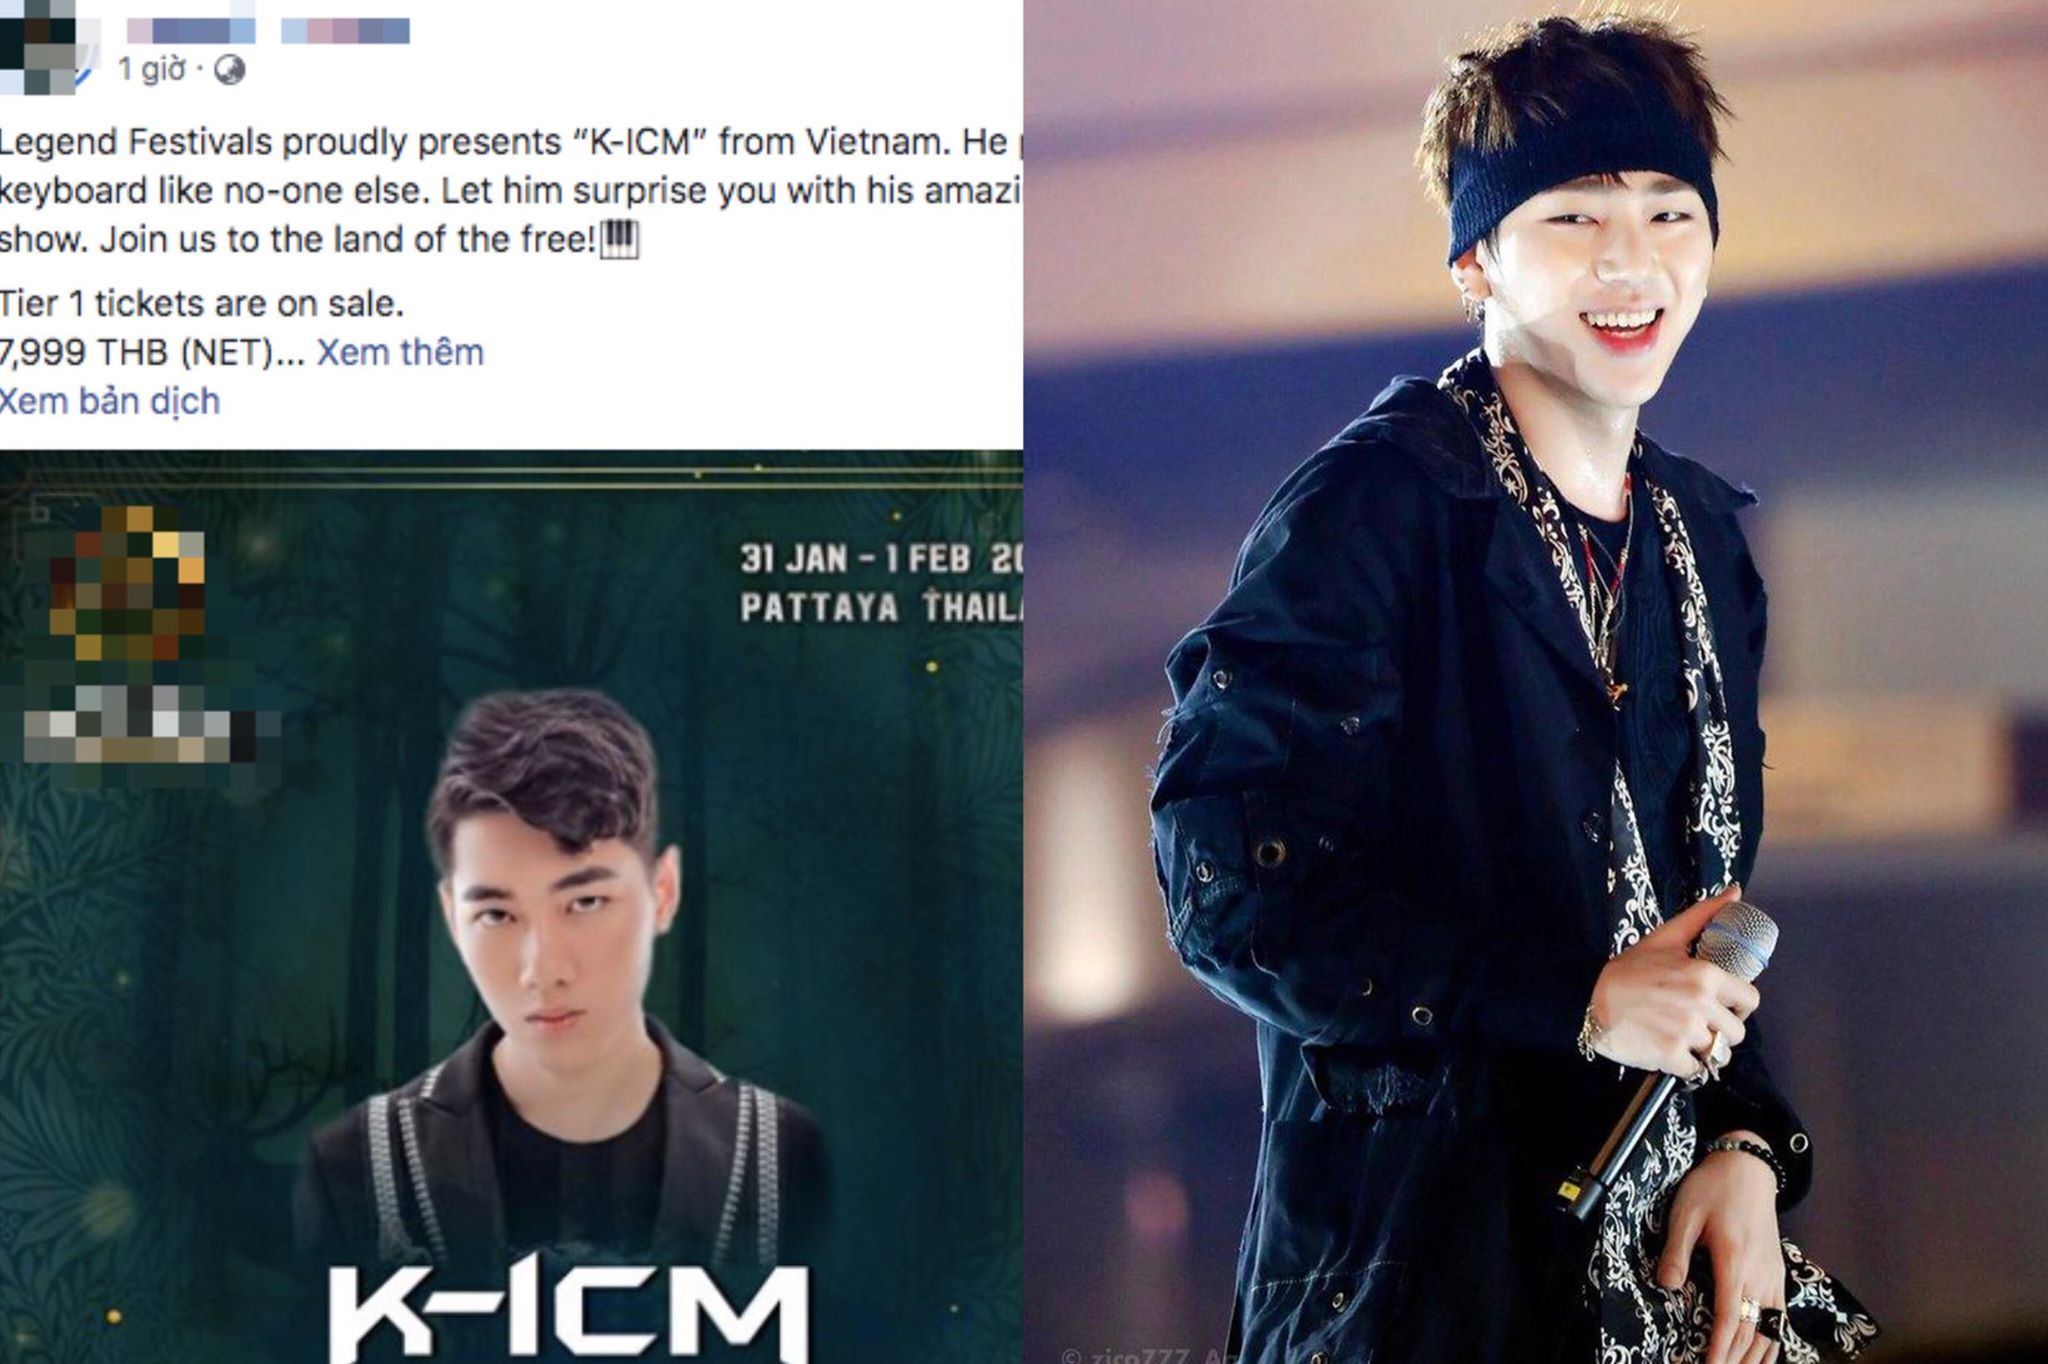 Quên Jack đi, K-ICM có thể đứng chung sân khấu cùng sao Hàn Quốc nổi tiếng để....đánh đàn